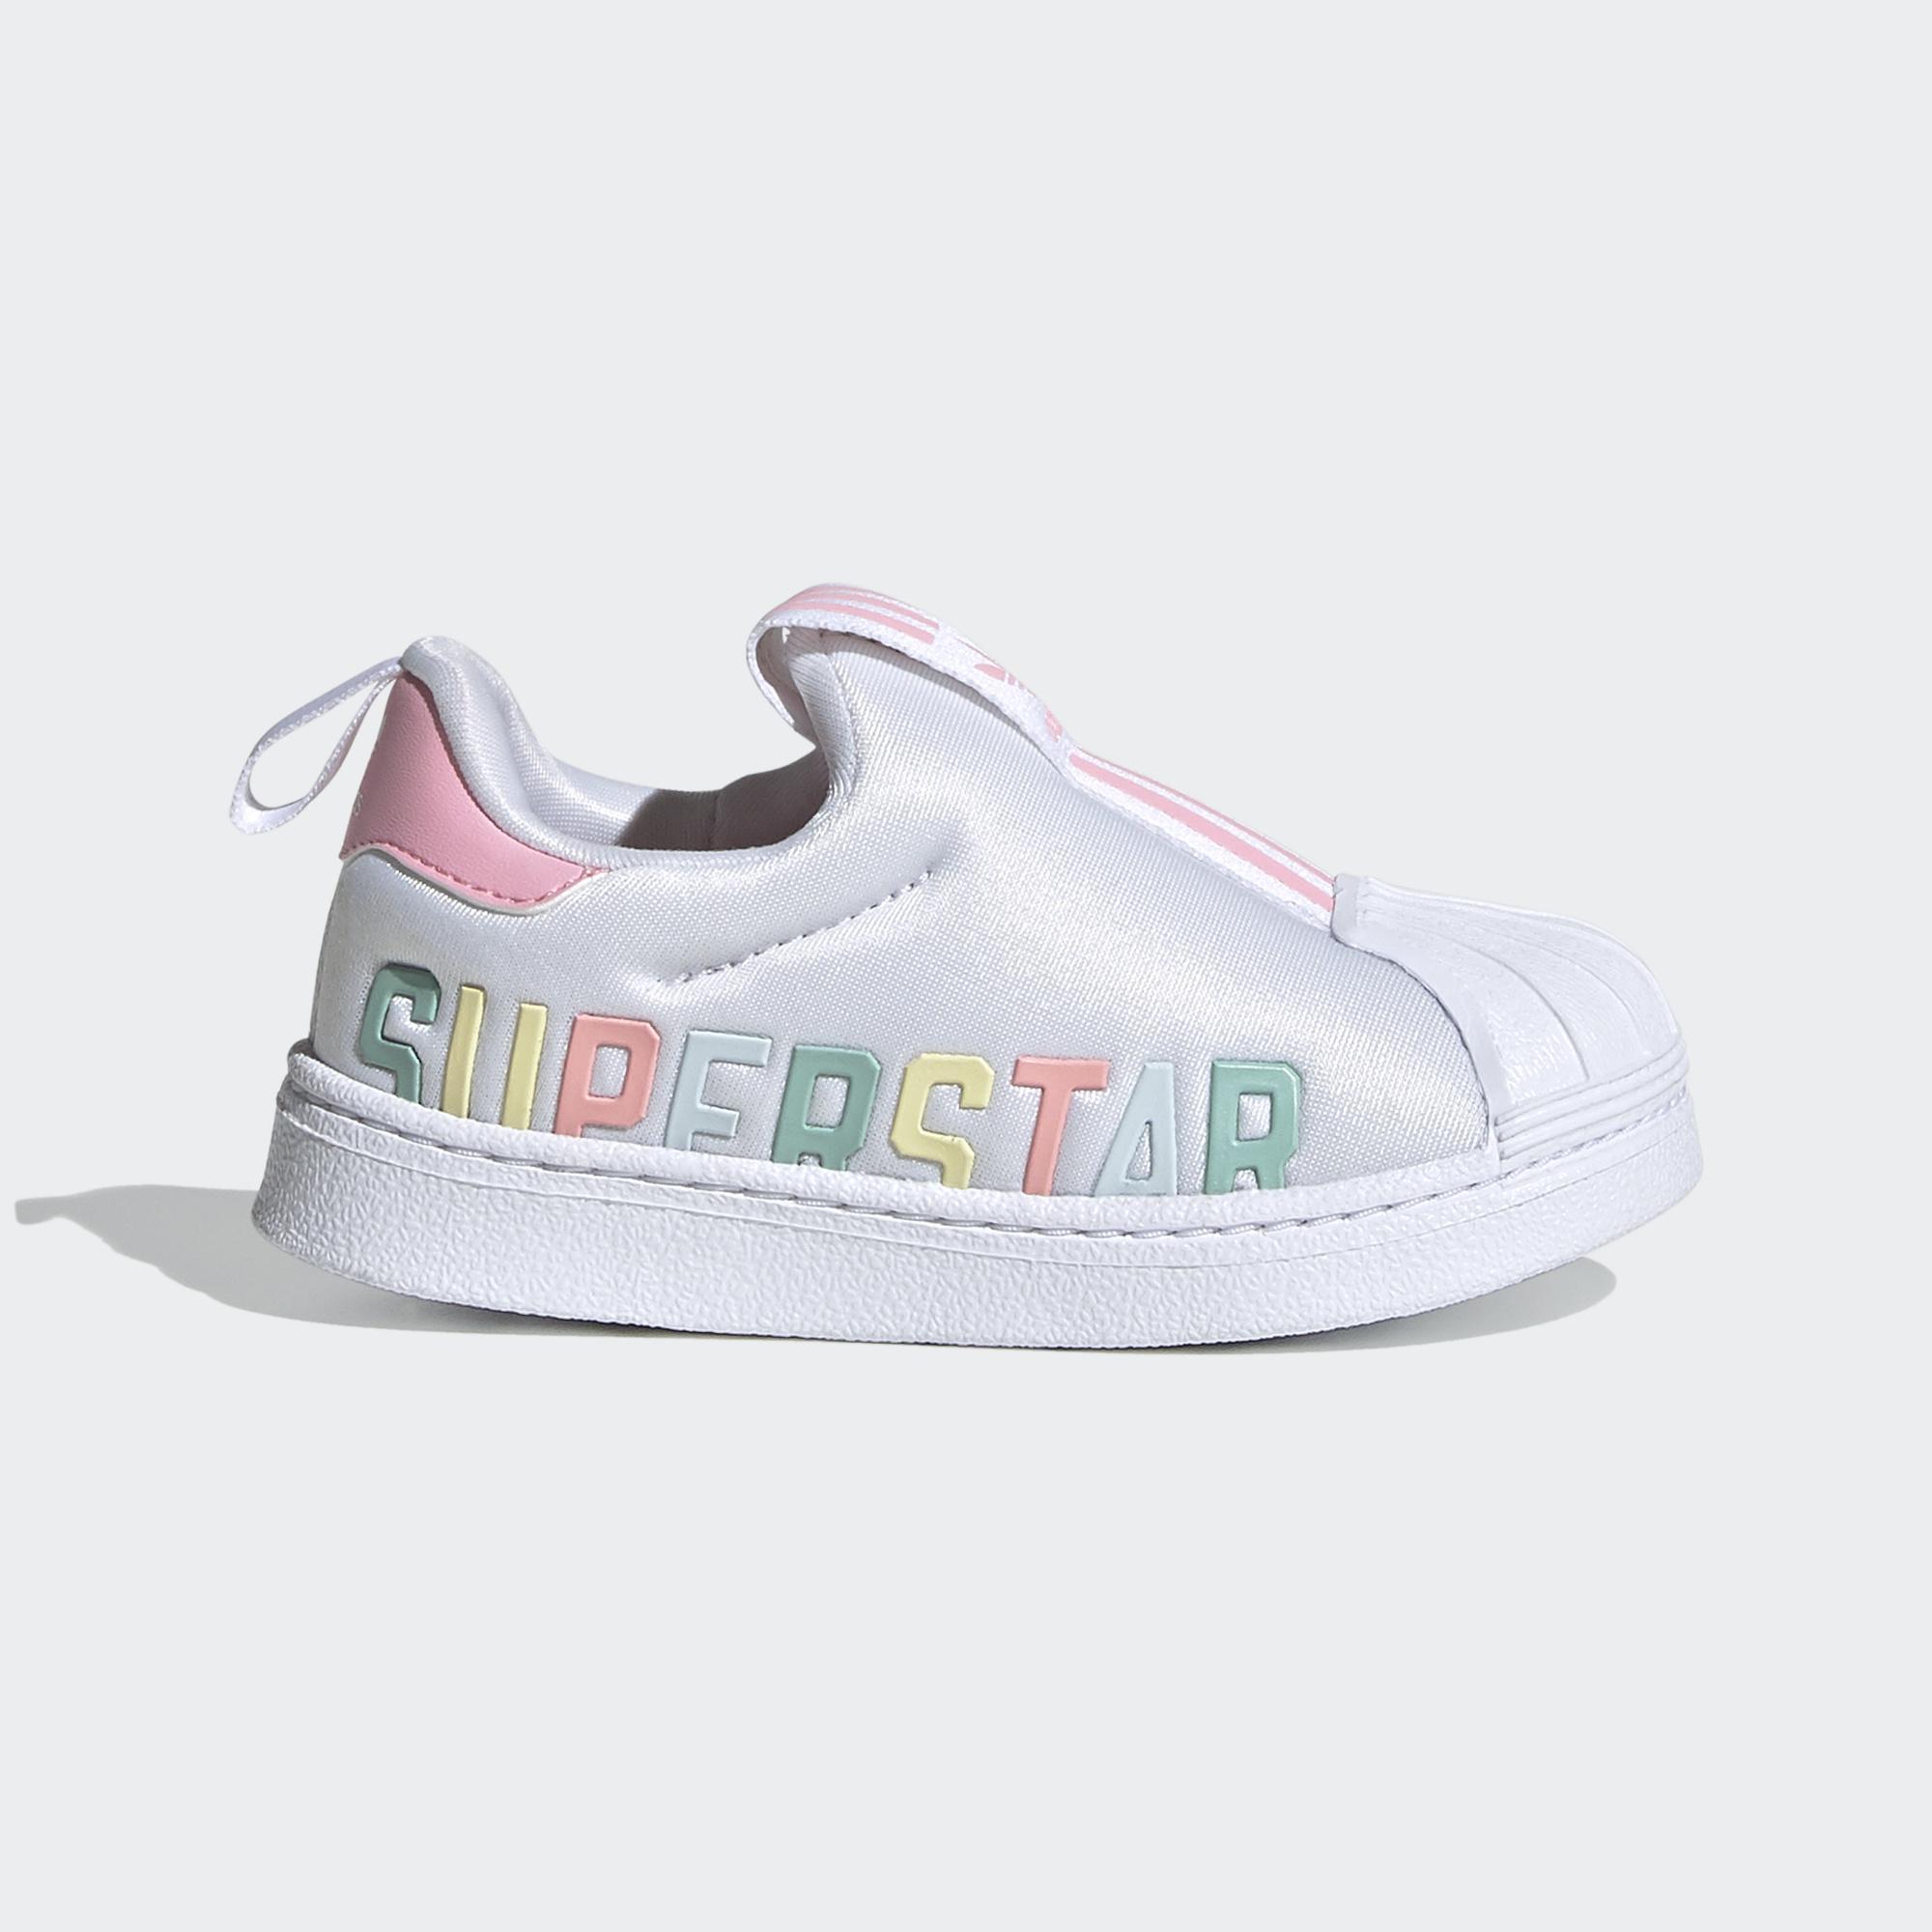 Superstar 360 X 經典鞋